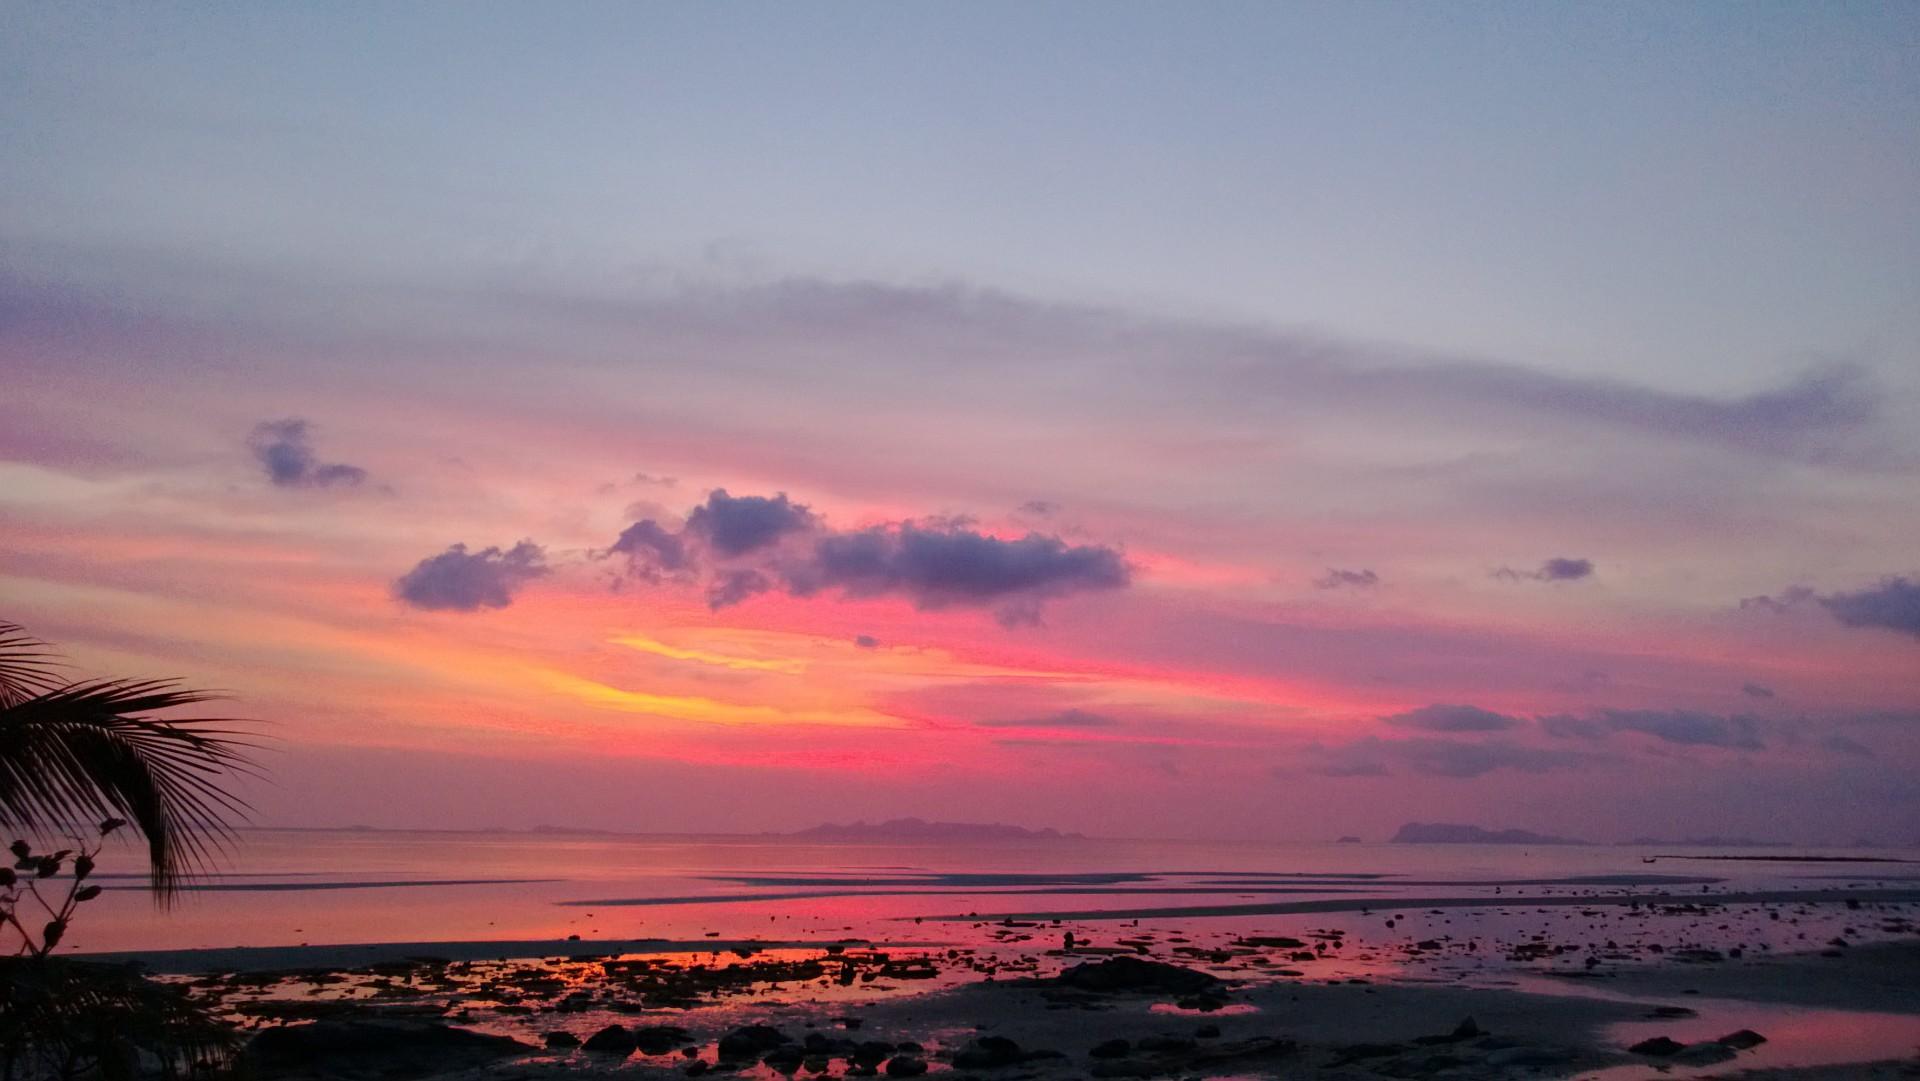 sunset-thailand-koh-samui